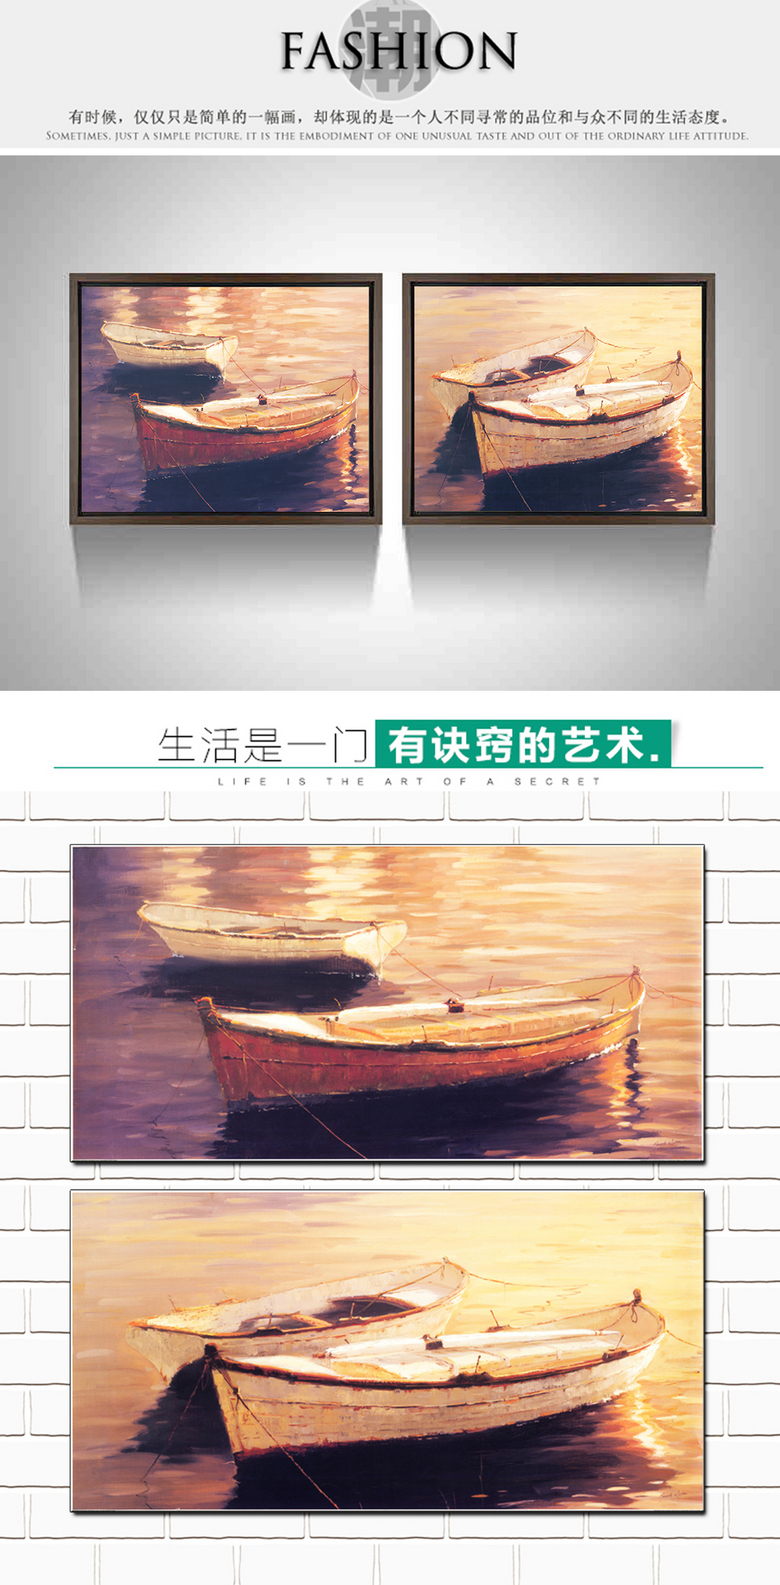 装点诗的边框-筏诗意风景简约装饰无框画